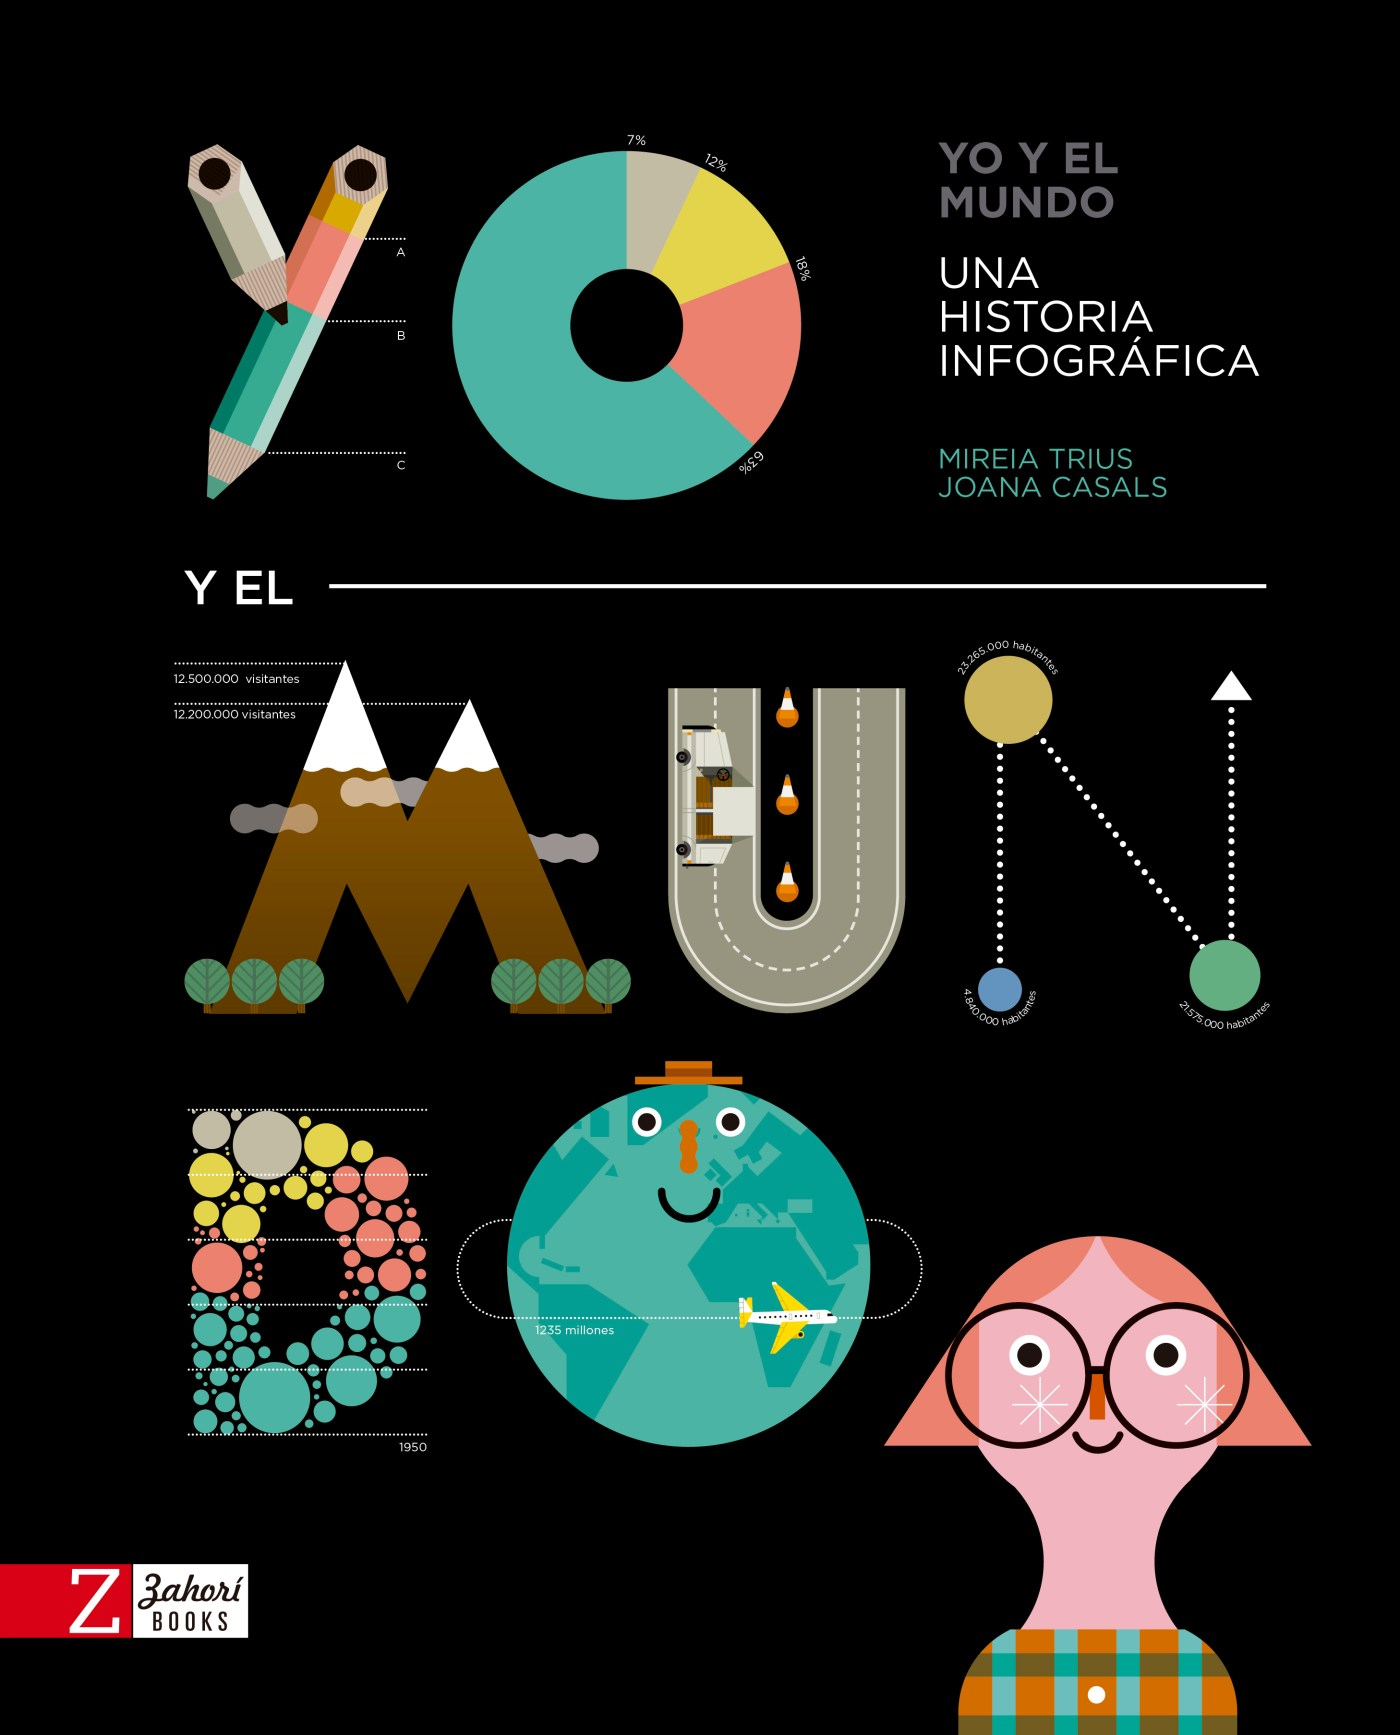 Libros infantiles. Yo y el mundo. Joana Casals. Zahorí Books. Elástica magazine